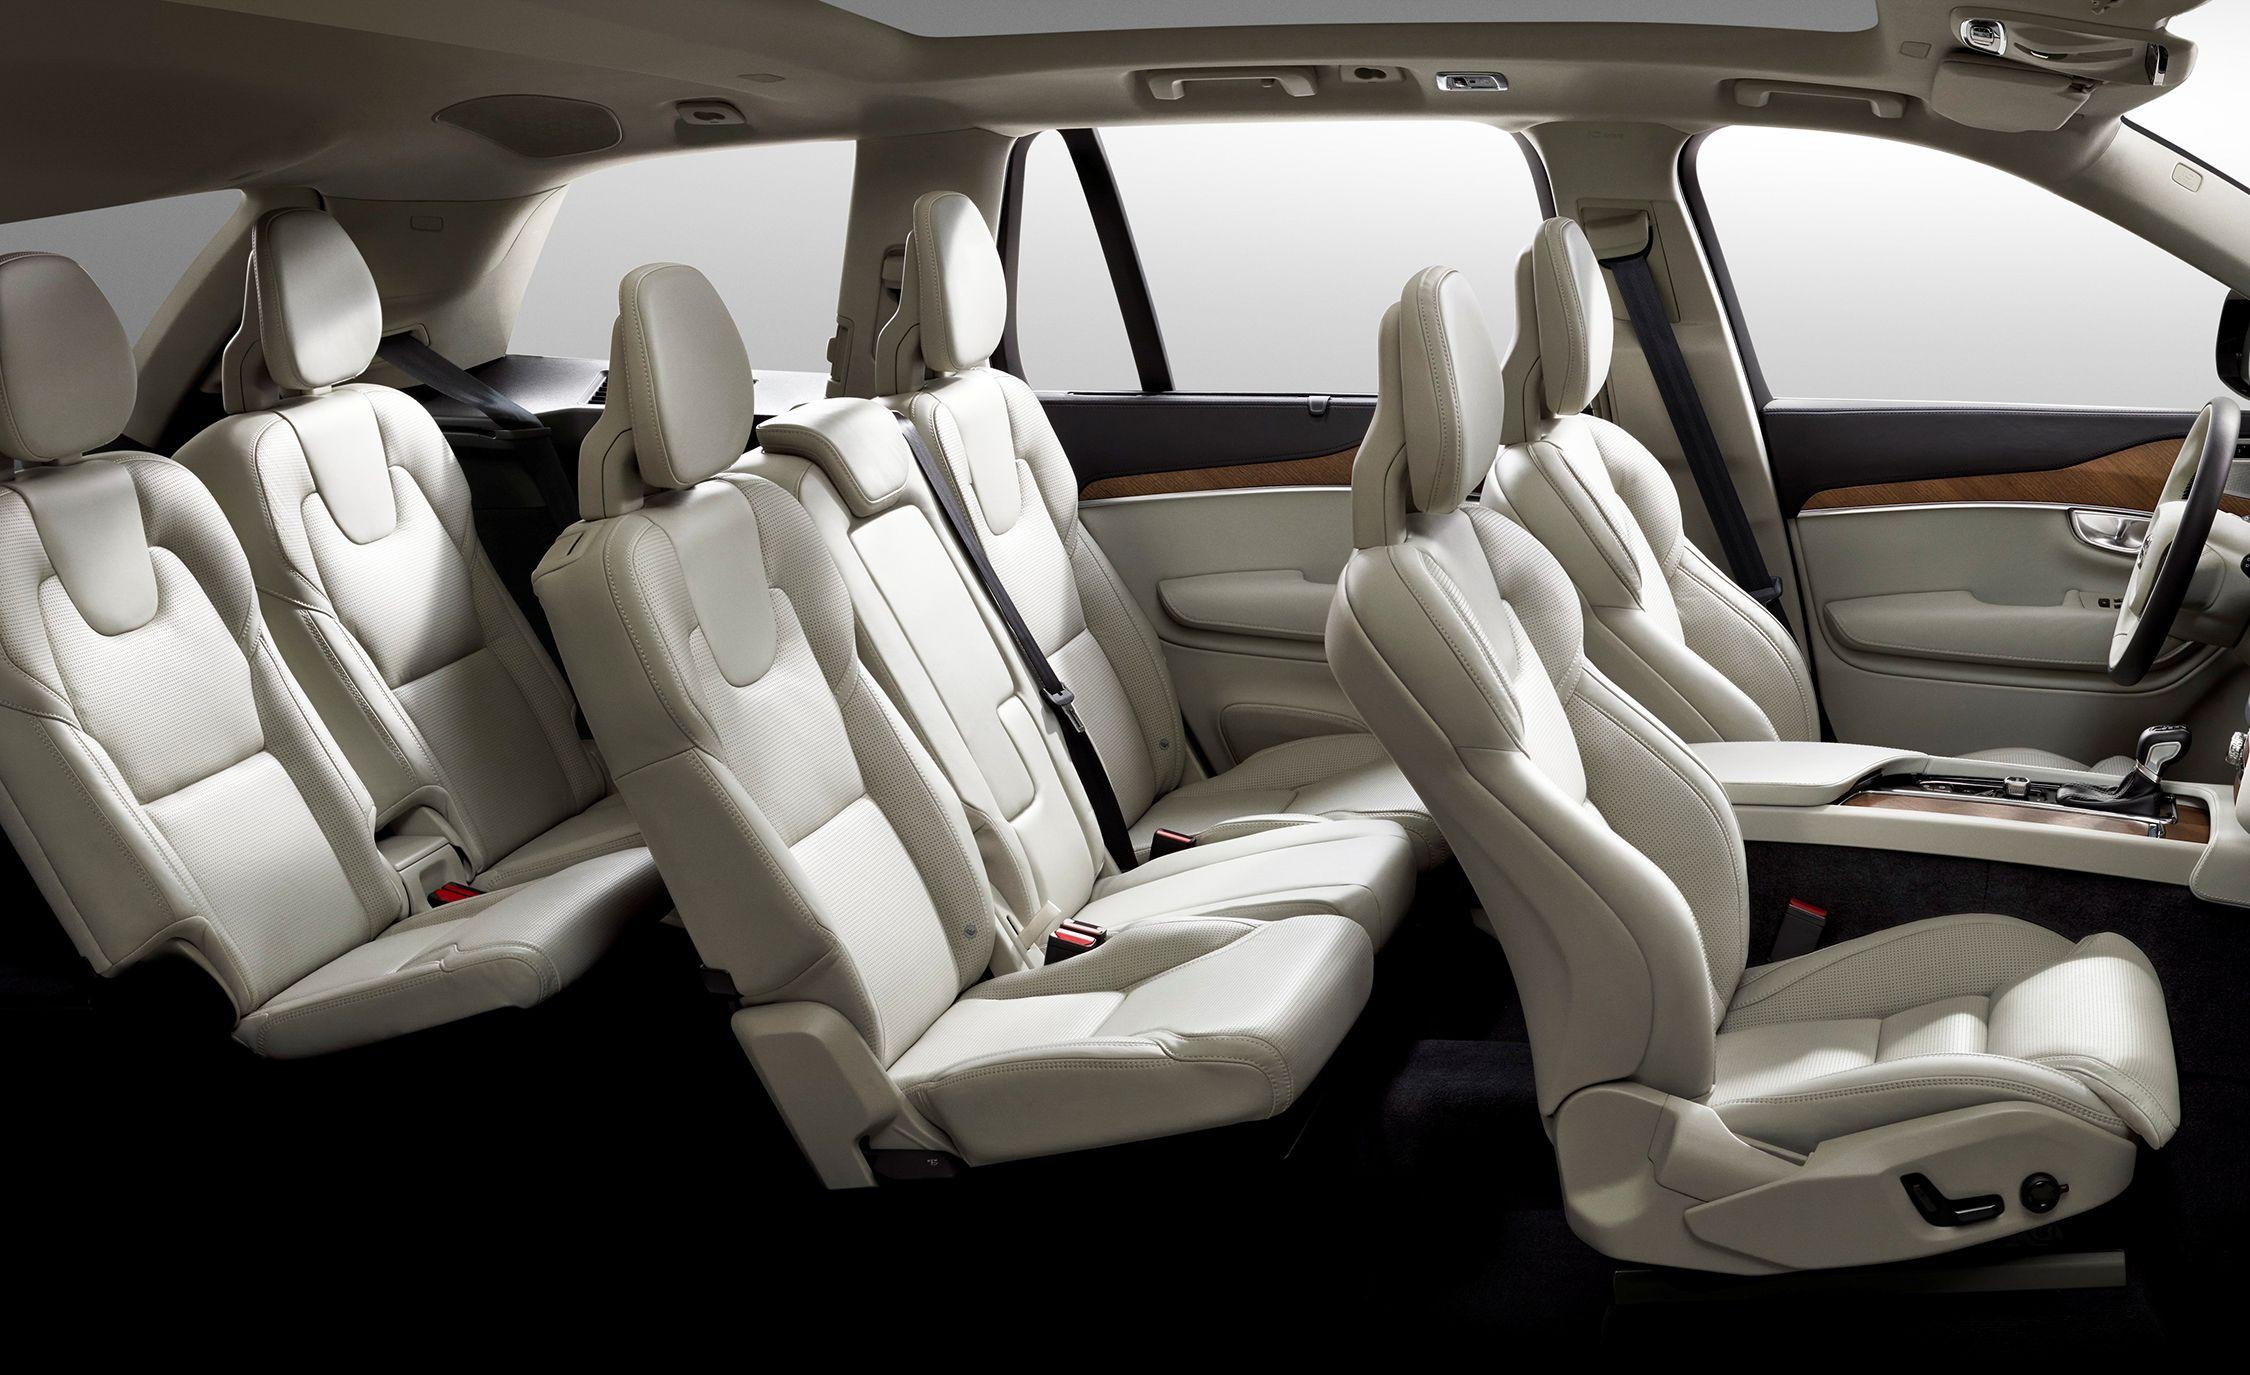 2019 Volvo XC90 Details